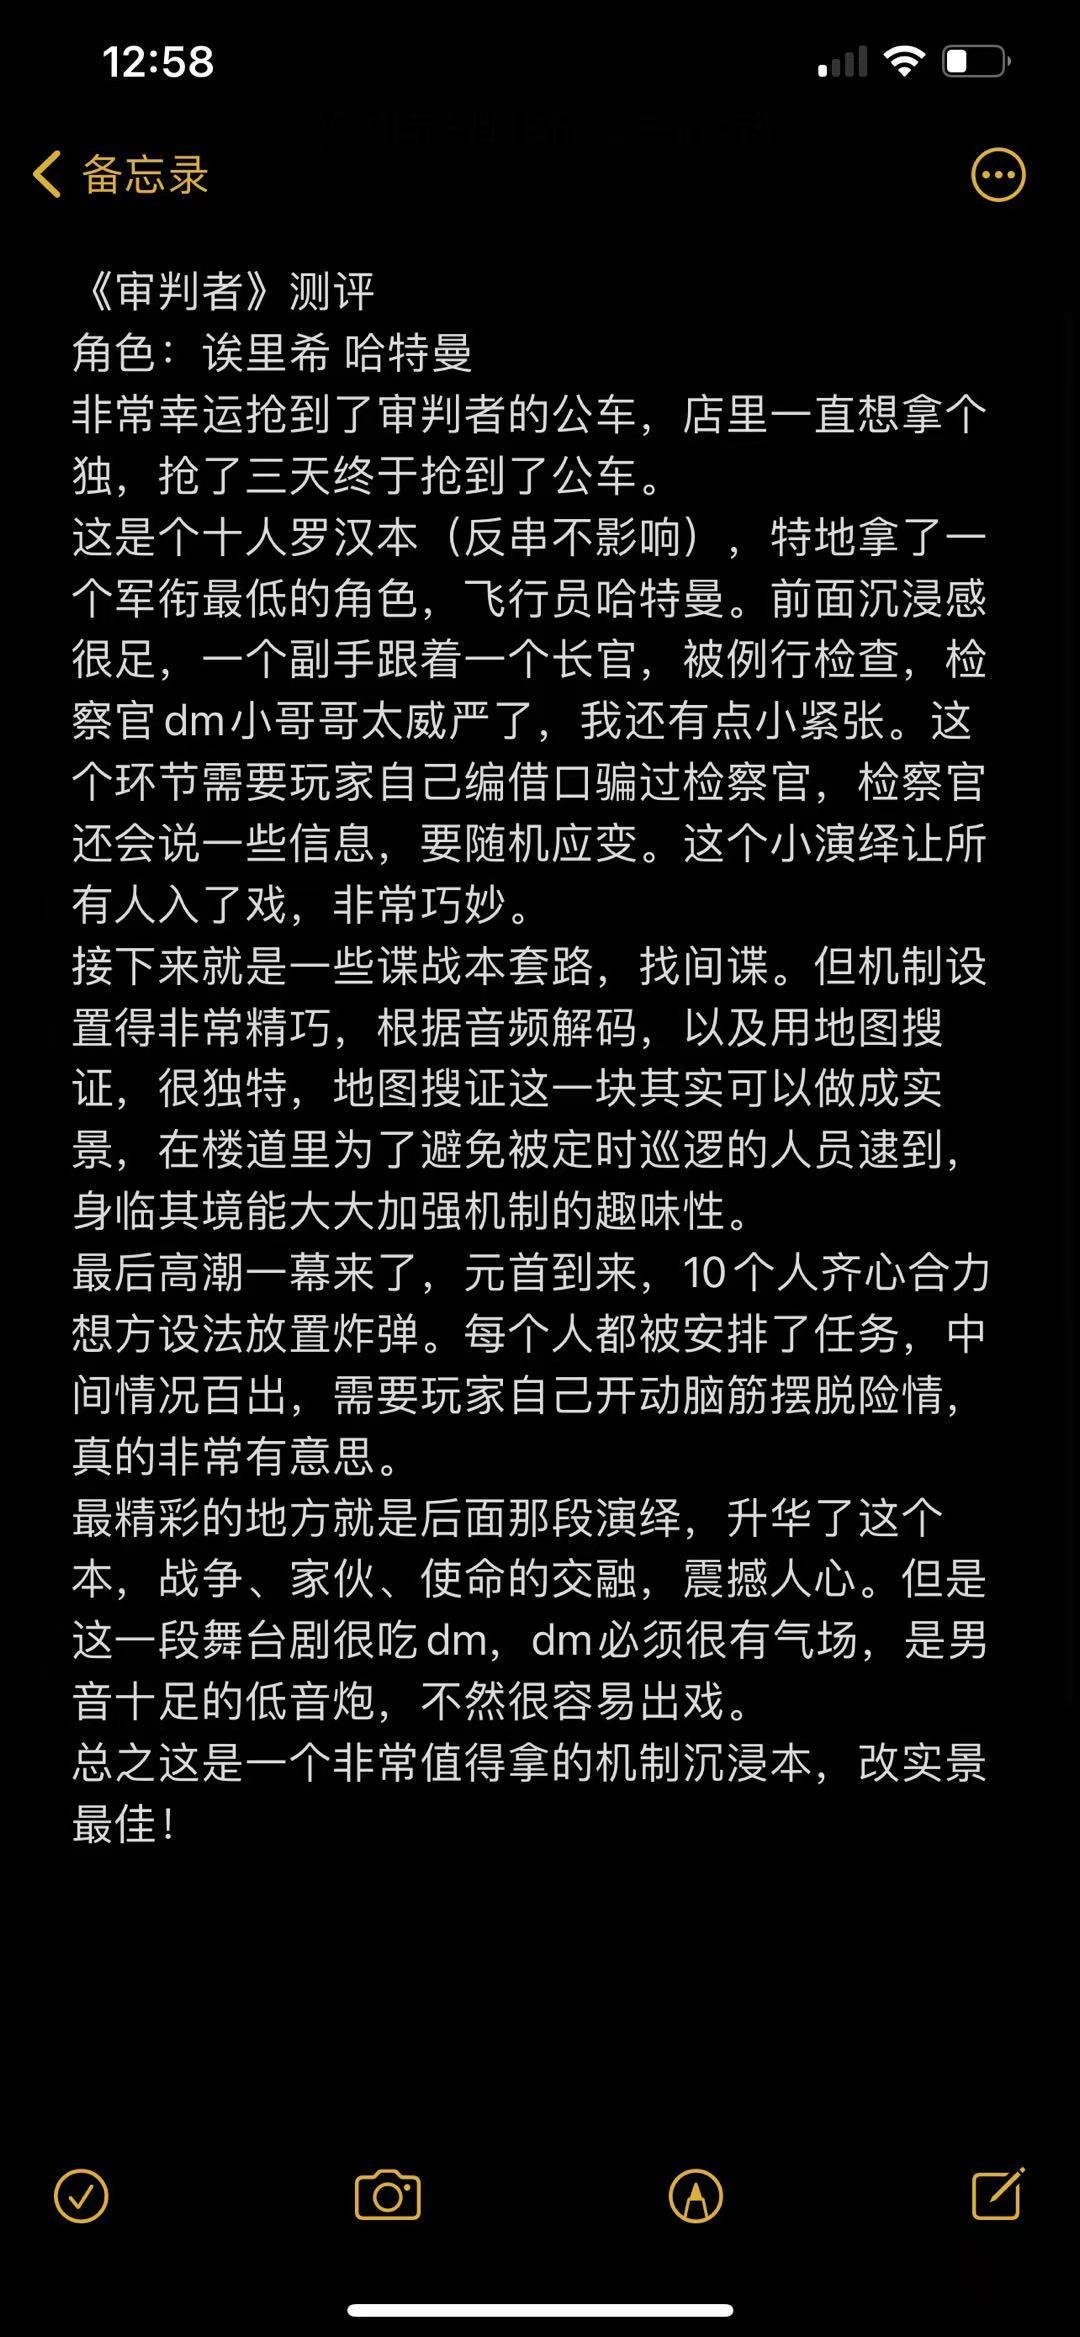 『审判日』剧本杀复盘/答案揭秘/案件解析/故事结局真相